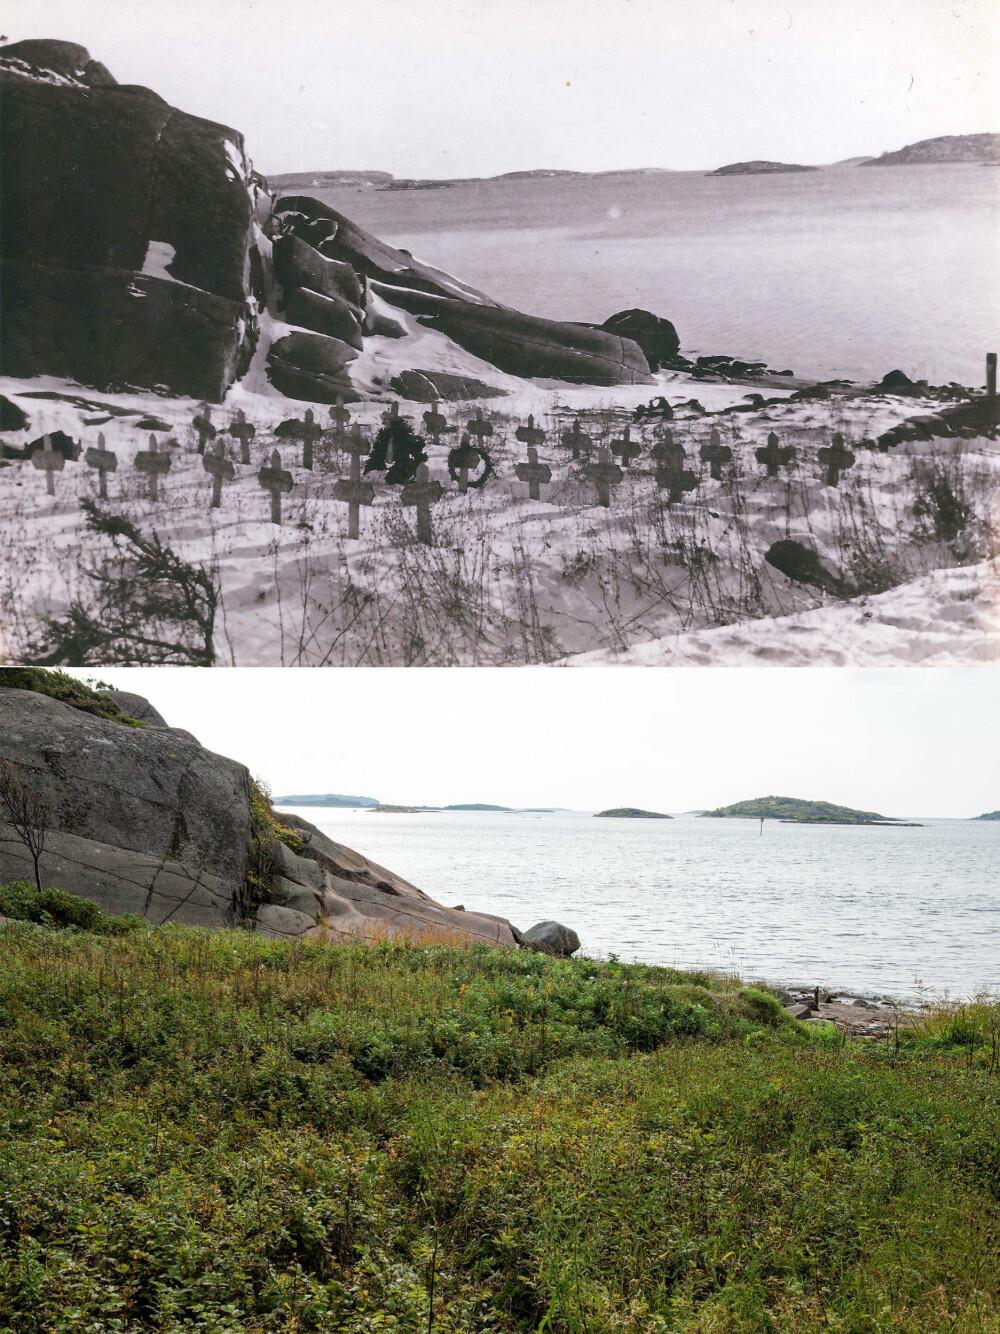 GRAVPLASS: Gravplassen på sydsiden av øya inneholdt 28 fangegraver som ble flyttet i 1953. I dag er området en strandidyll.